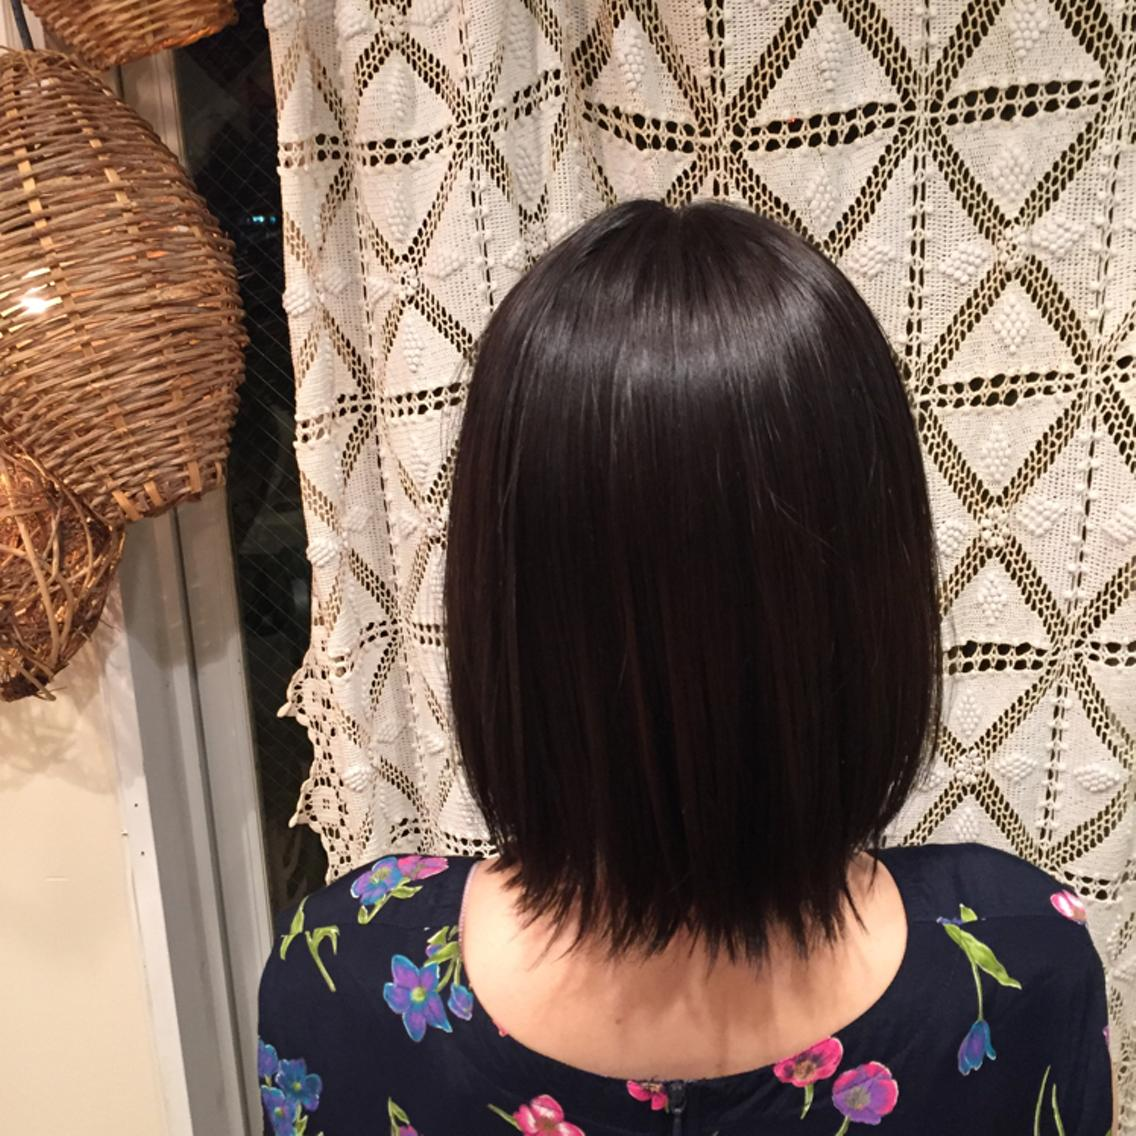 【代官山】【期間限定トリートメント無料!】年内22日のみ空きがございます。クリスマスや年末年始に向けて髪を綺麗にさせてください!